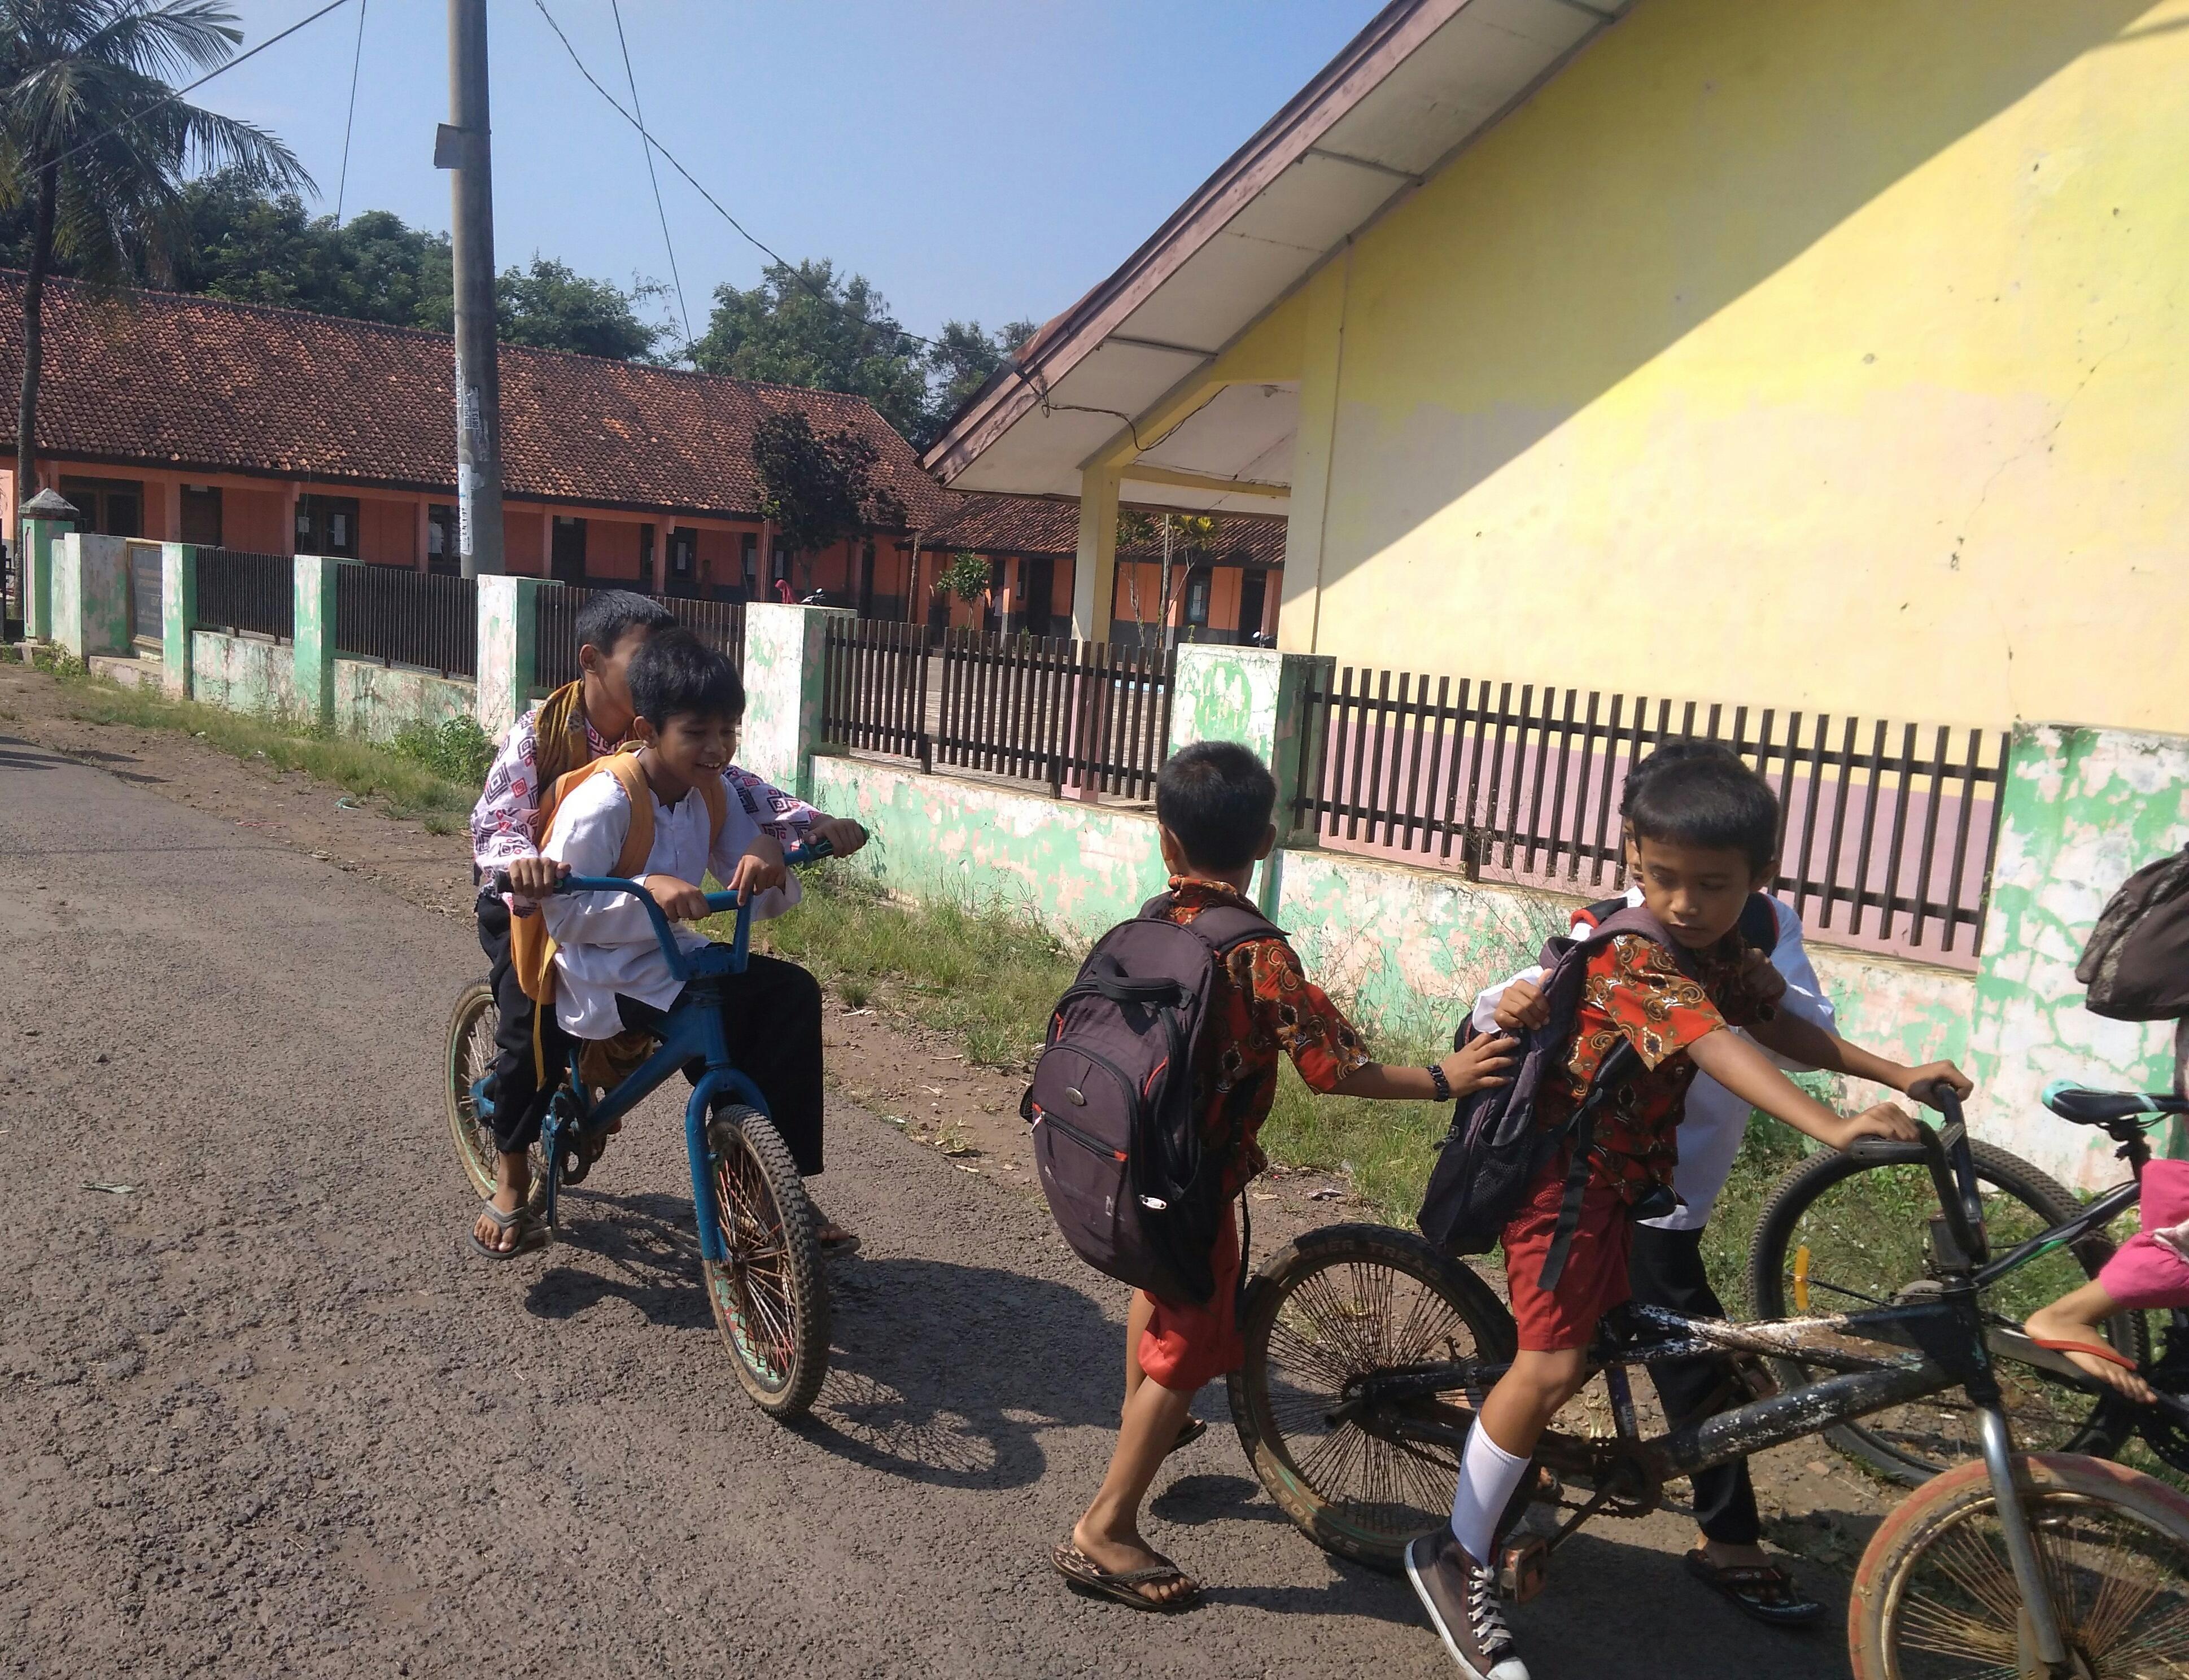 Gambar Anak Berangkat Sekolah Naik Sepeda